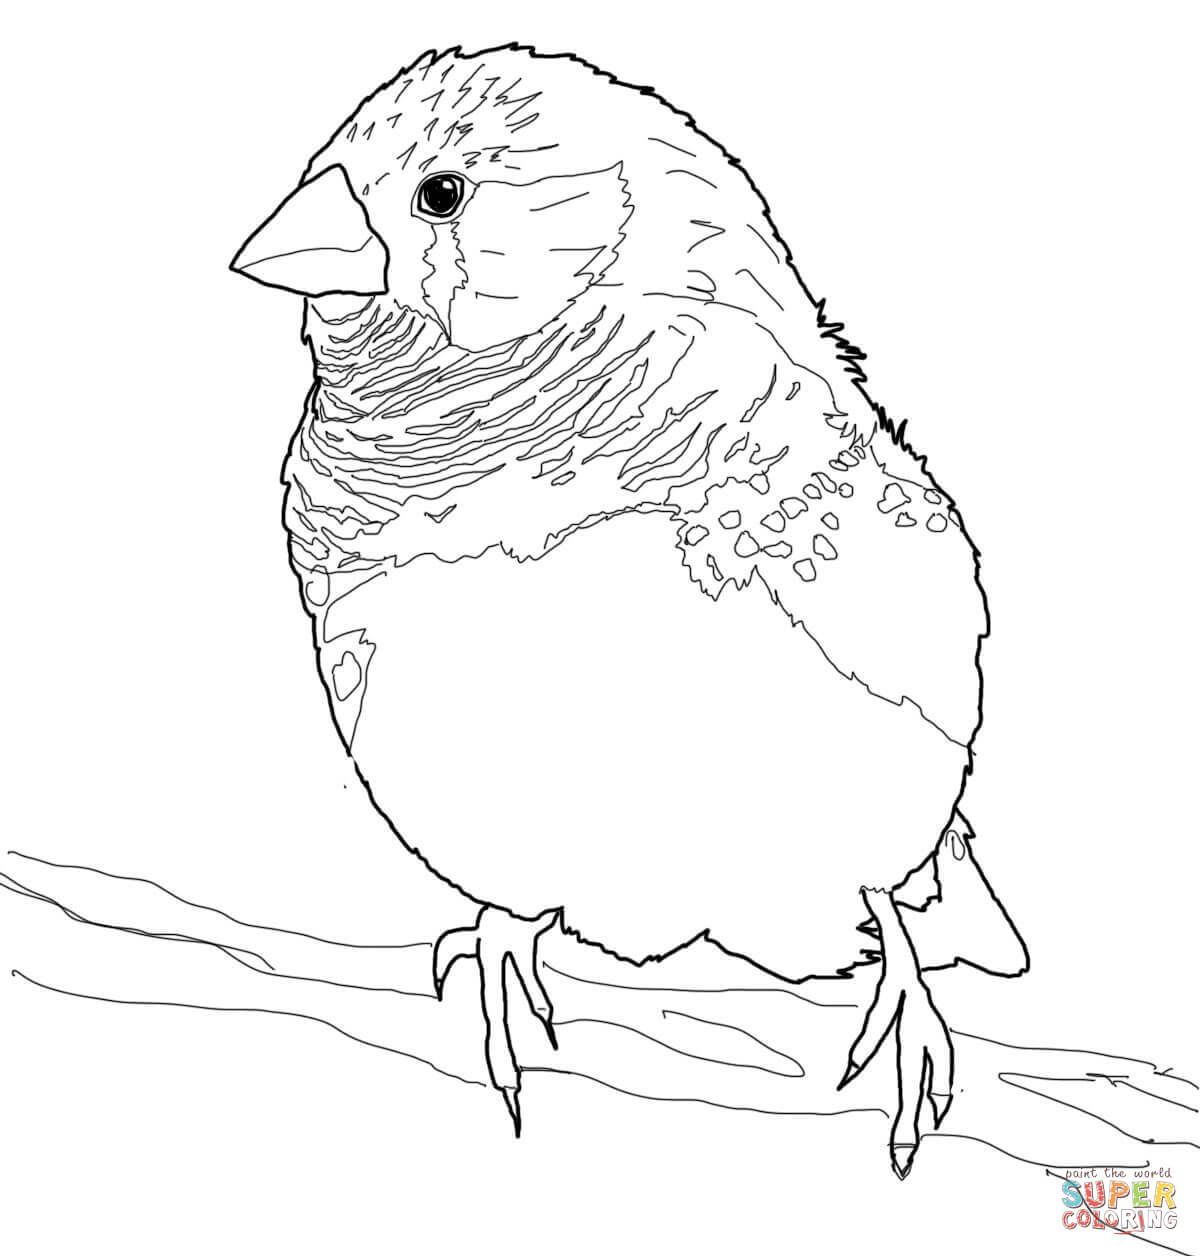 Resultado de imagen para izurieta dibujos de pájaros | aves ...